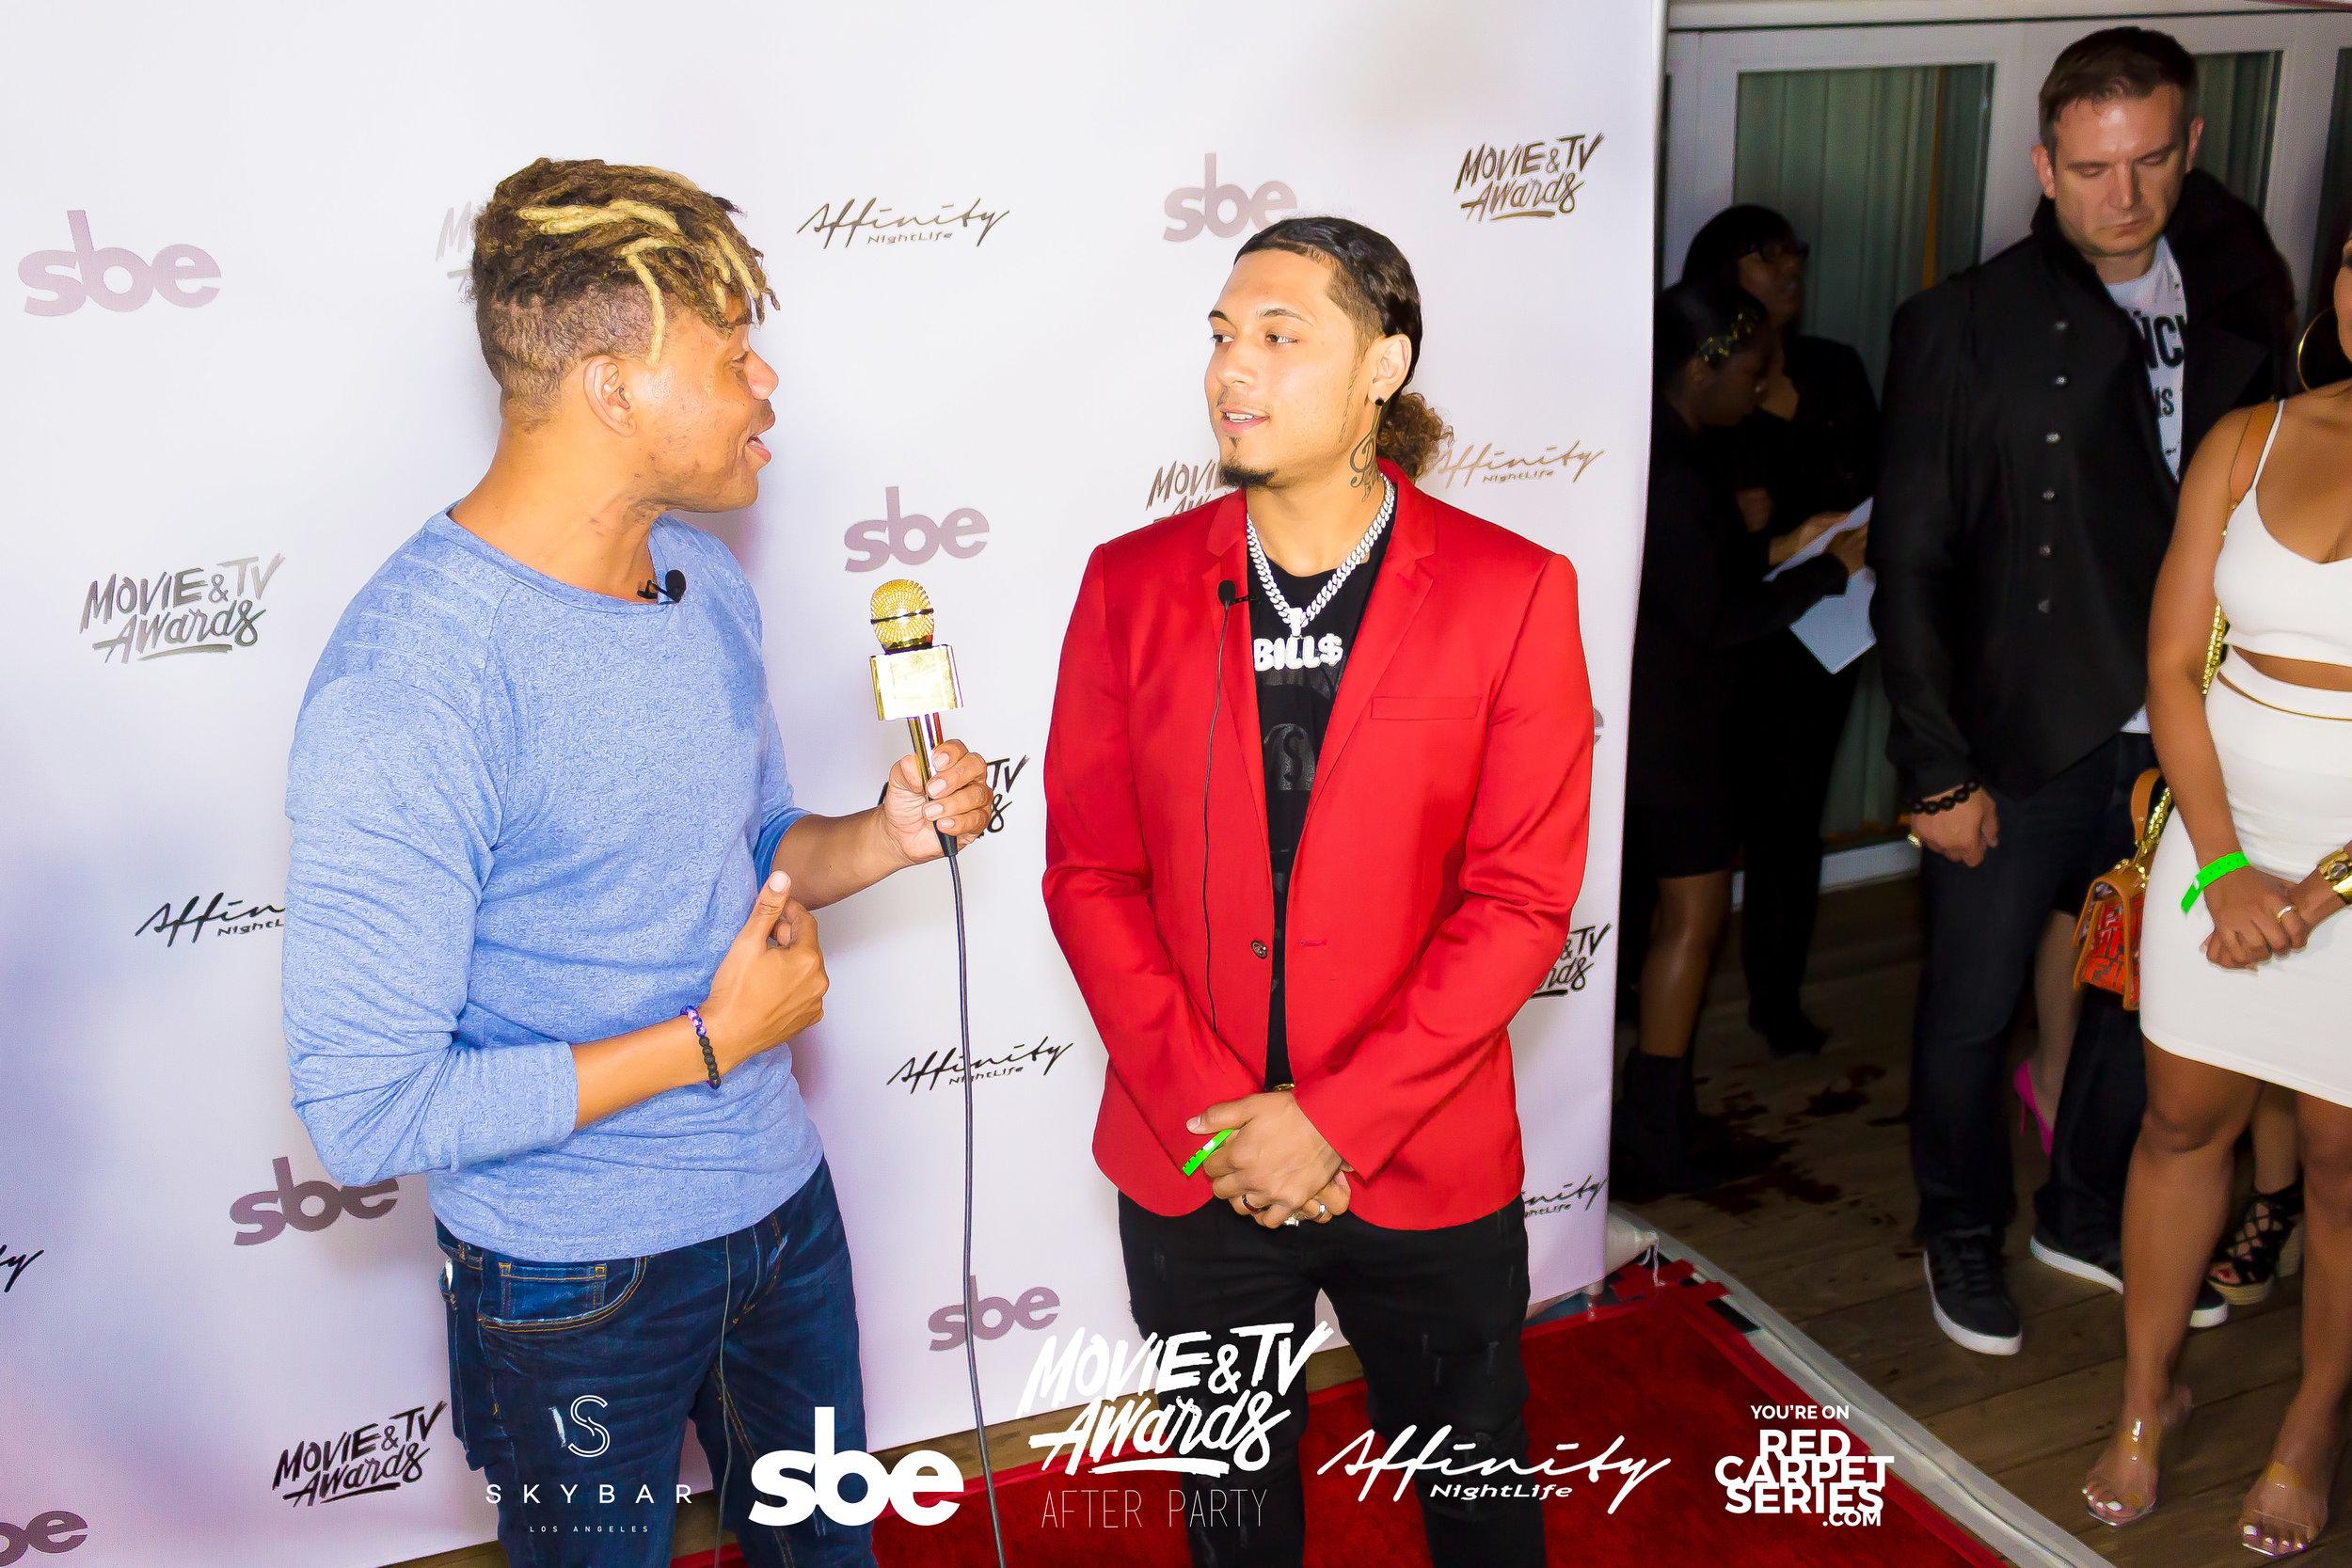 Affinity Nightlife MTV Movie & TV Awards After Party - Skybar at Mondrian - 06-15-19 - Vol. 1_53.jpg